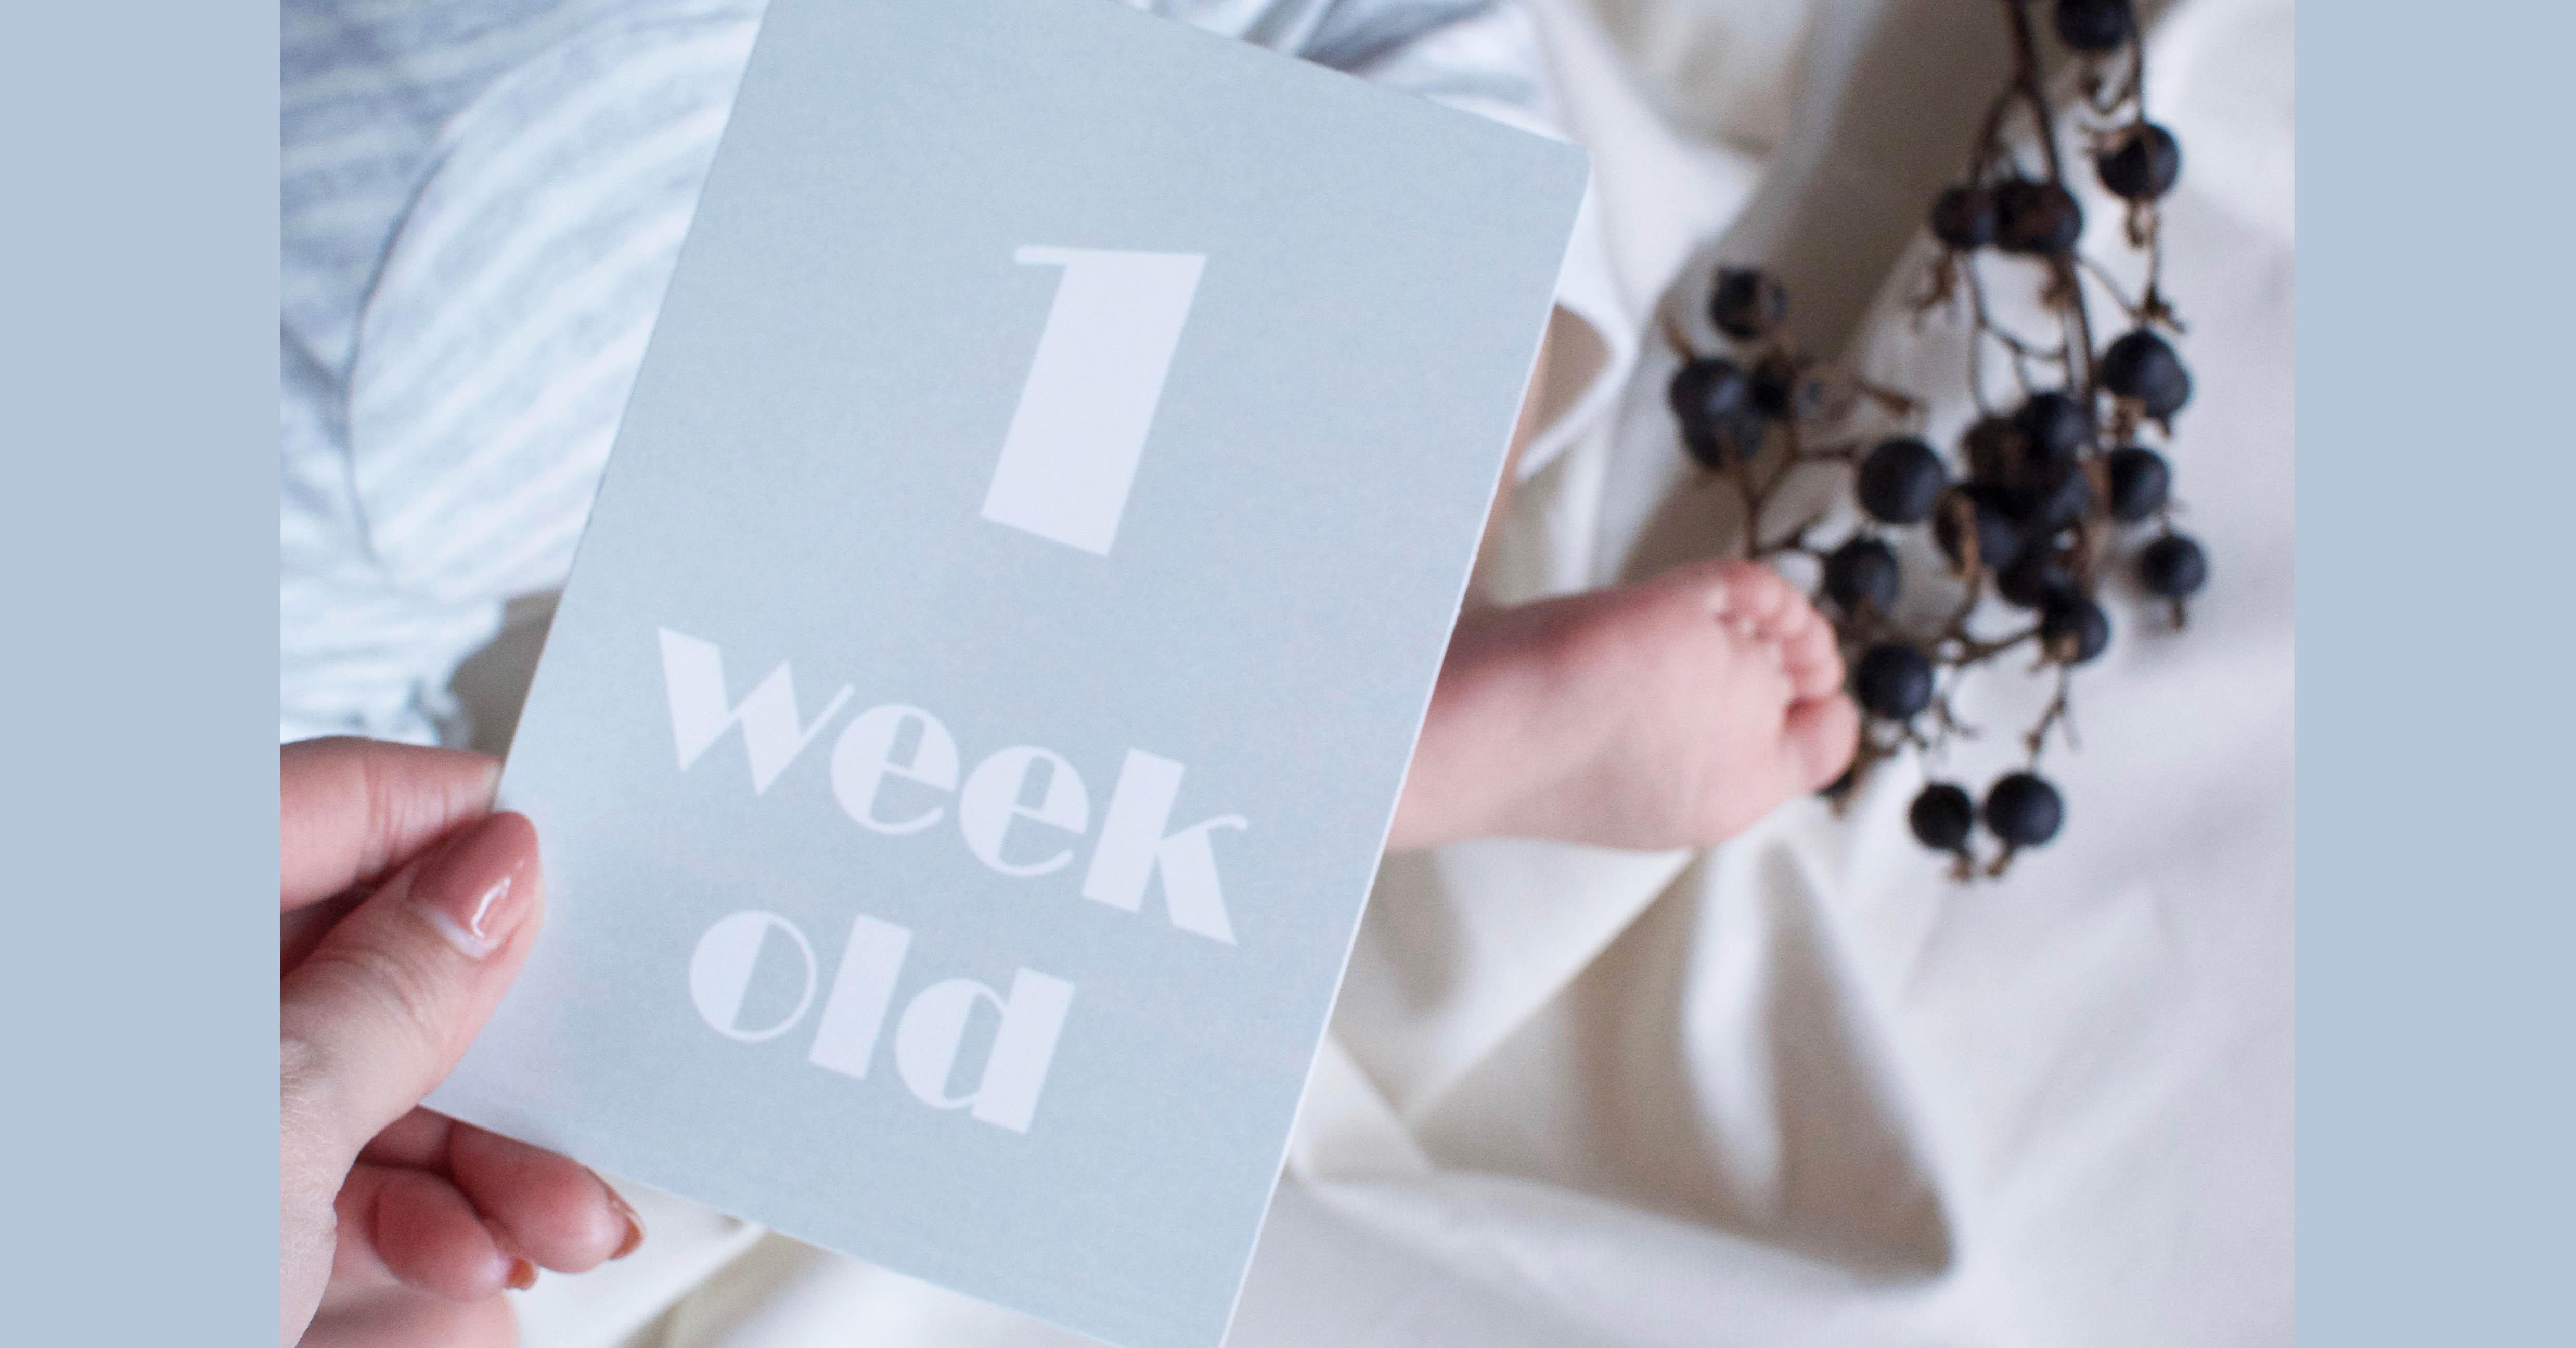 ベビーフォトに!生後1週間から使える赤ちゃんの週齢カード【無料テンプレート】